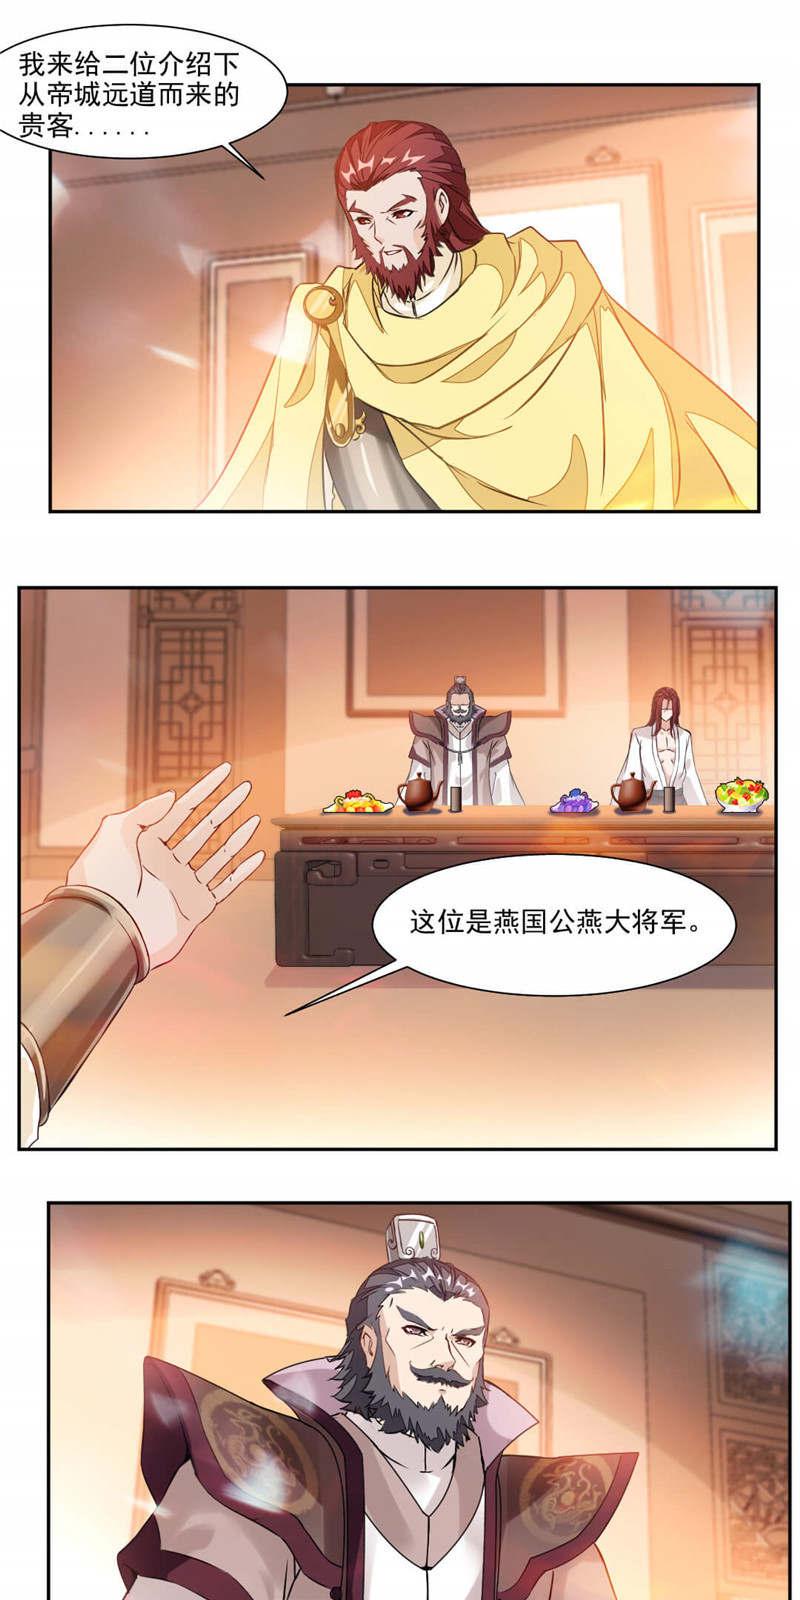 九阳神王第31话  你会制作符箓? 第 2